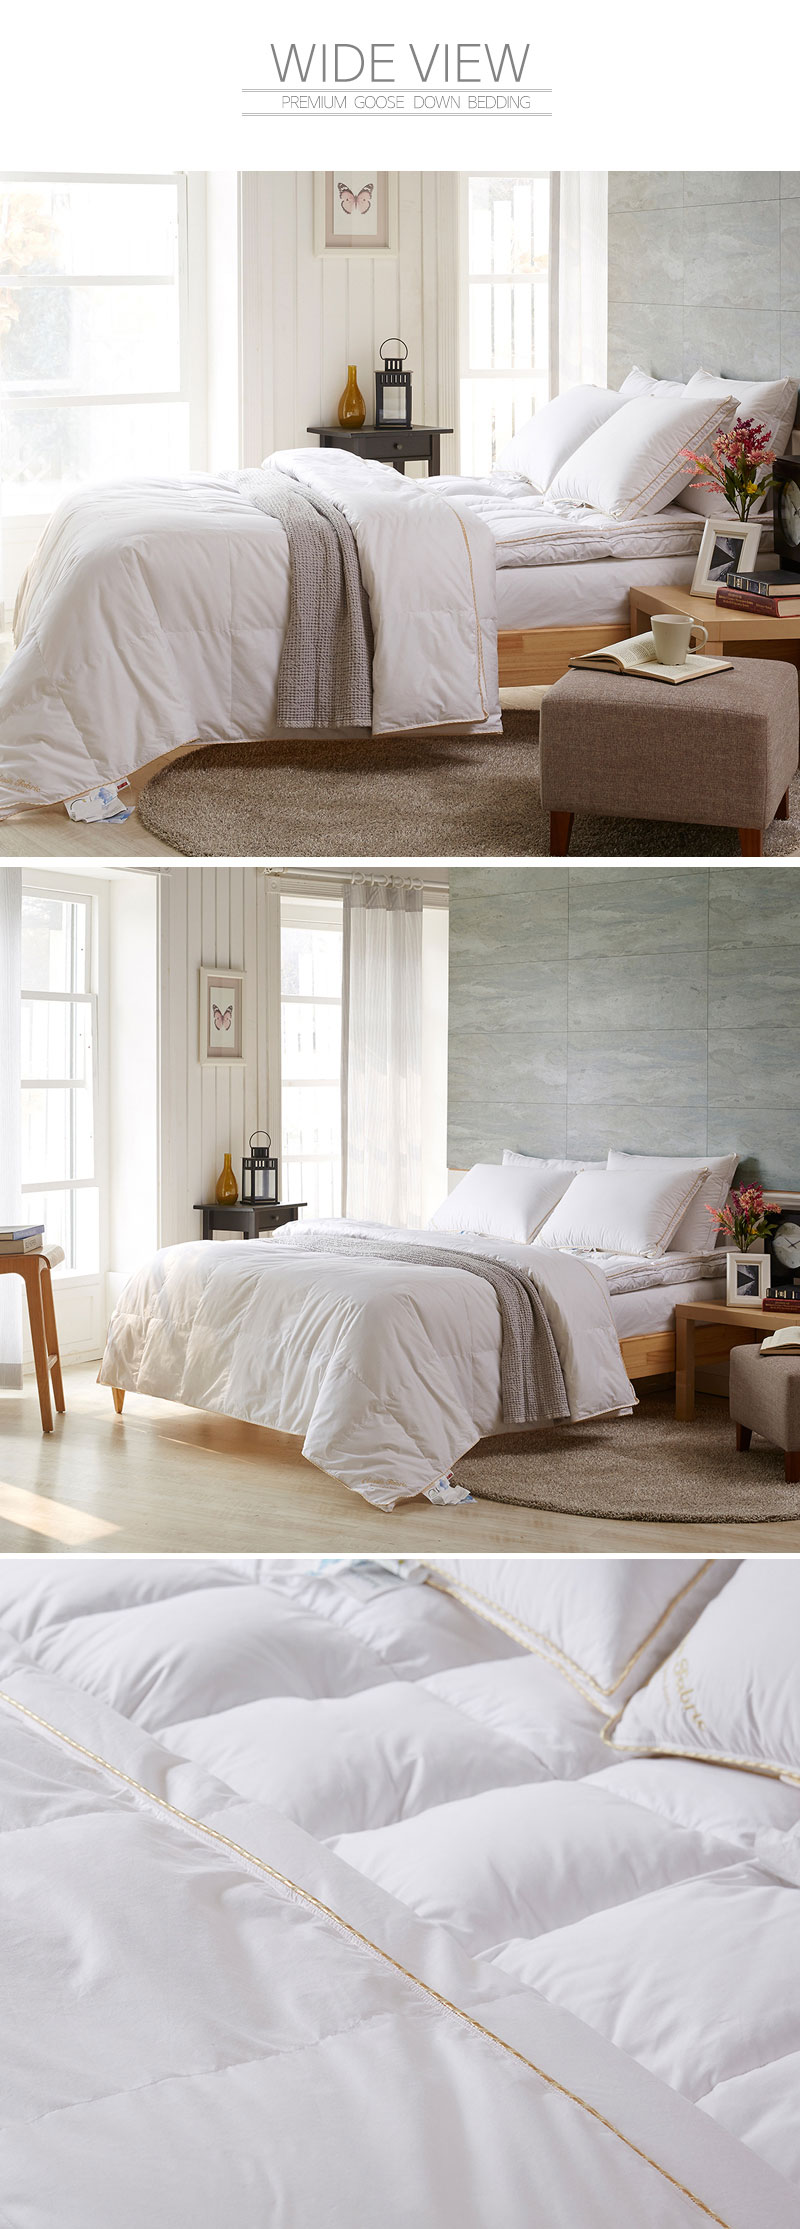 Lightweight Summer Polish Goose Down 95 Comforter Quilt